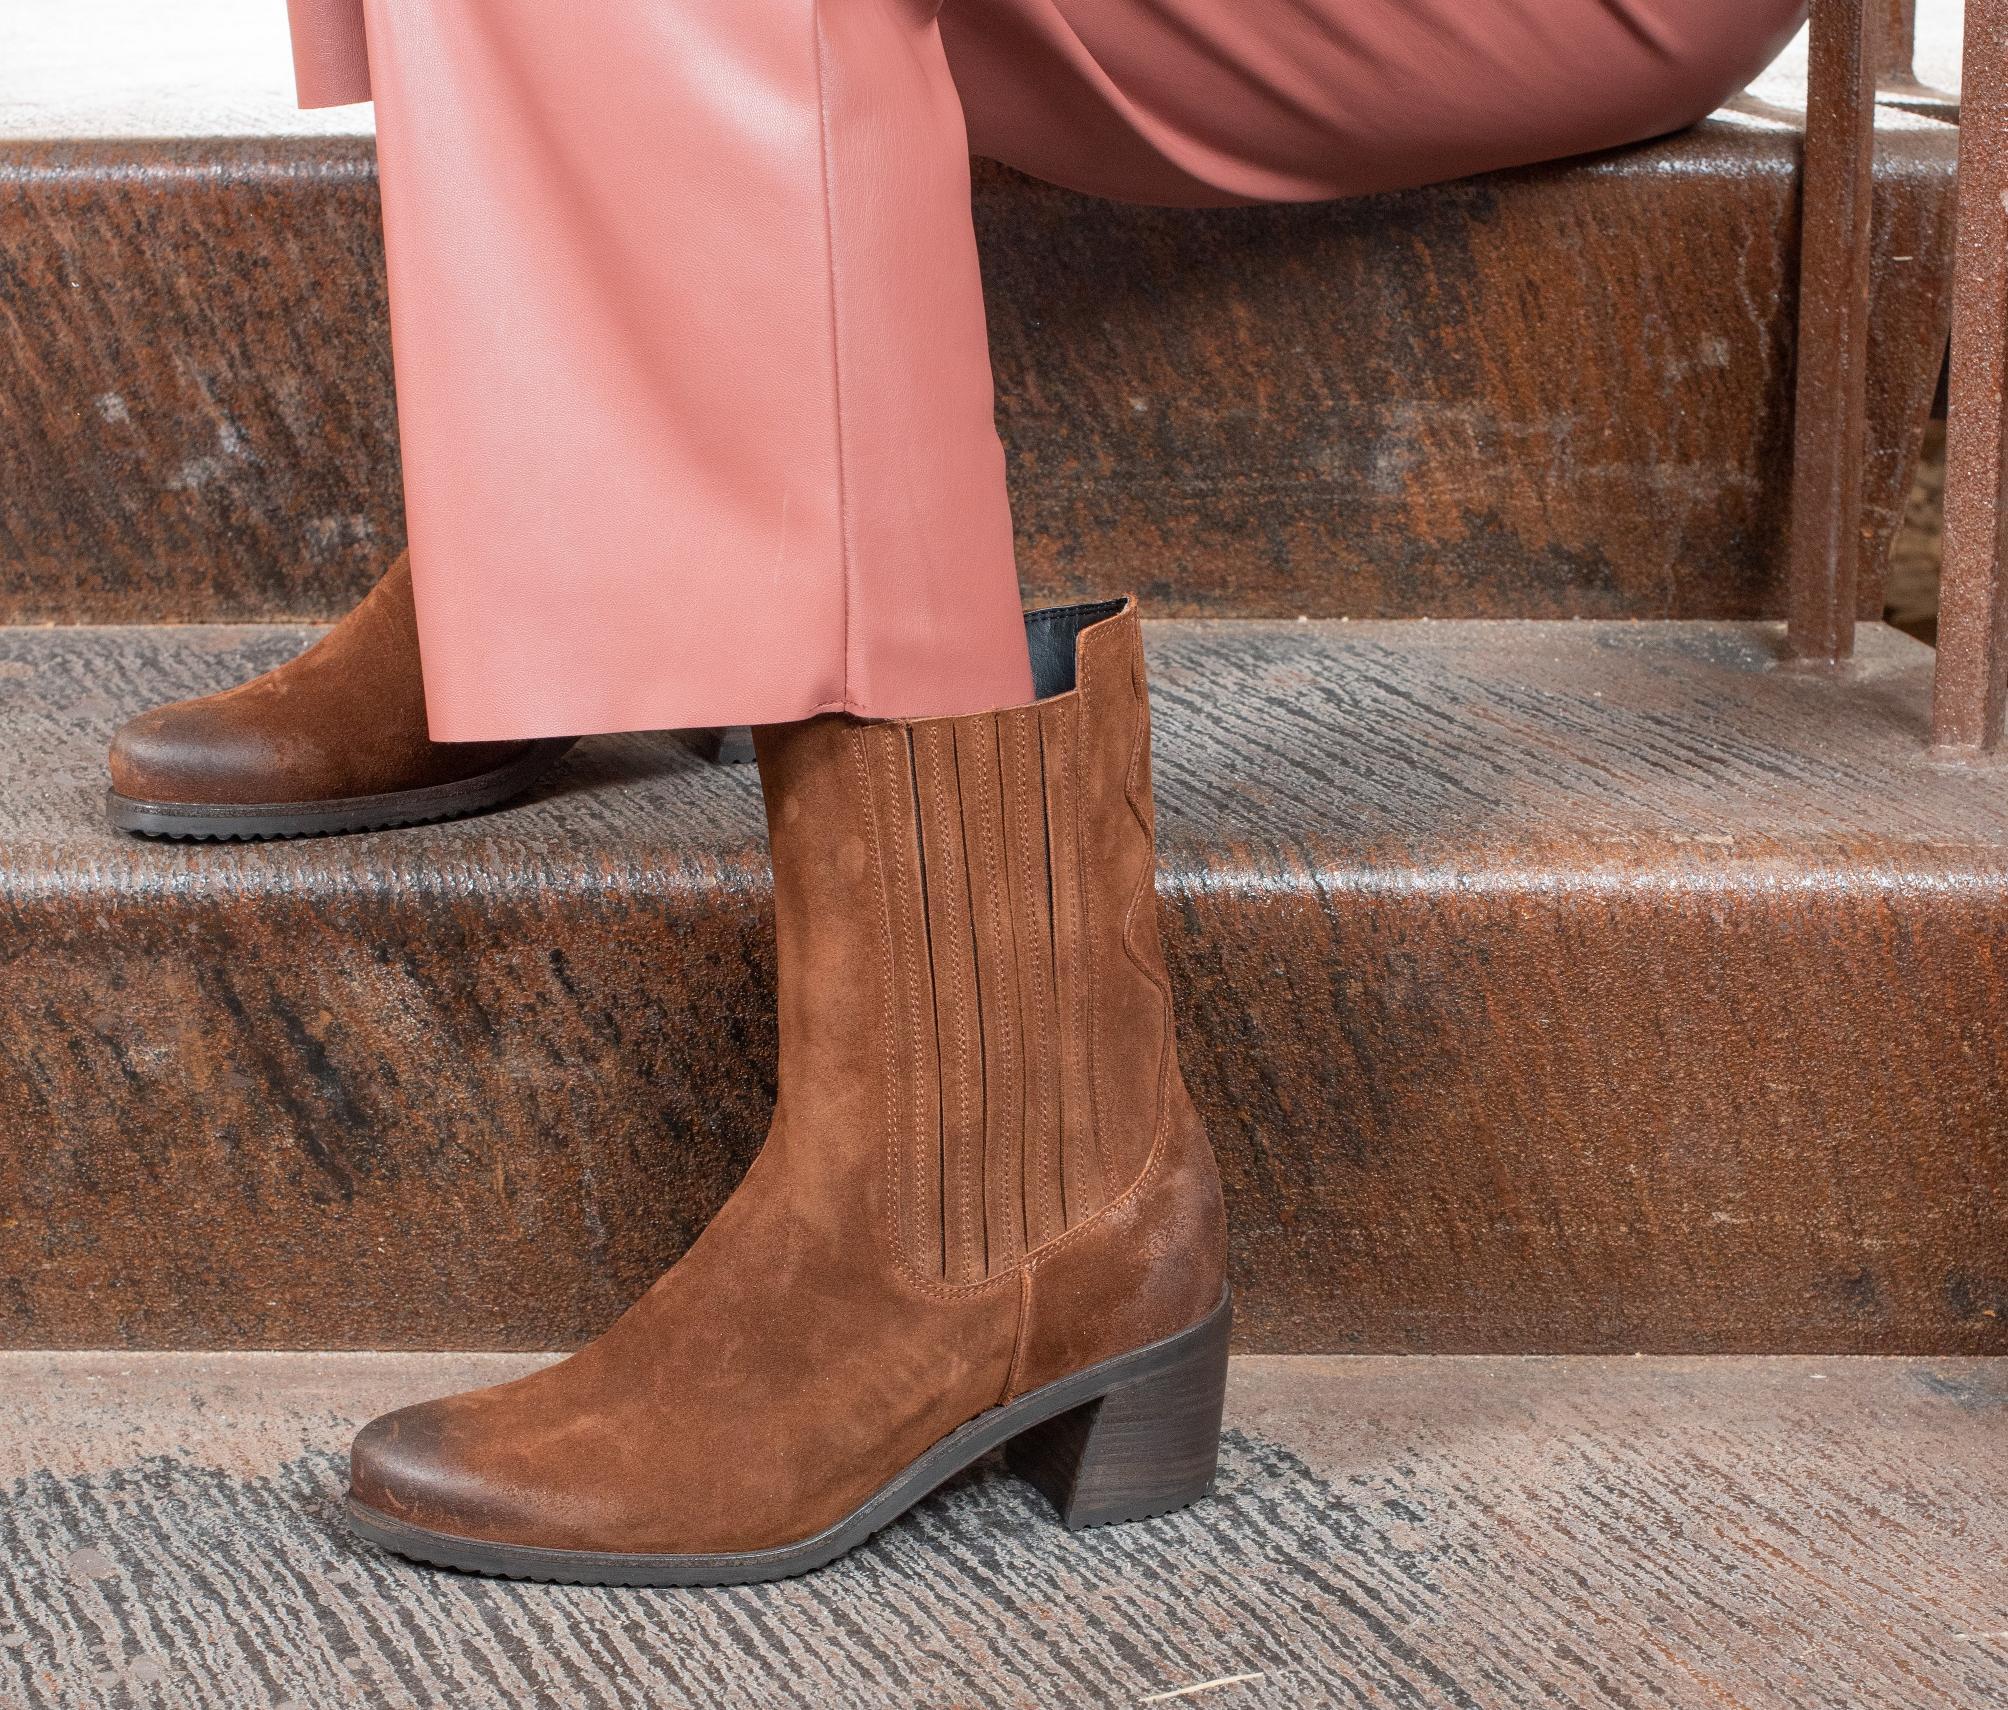 hippe-schoenen-met-breedtematen-1